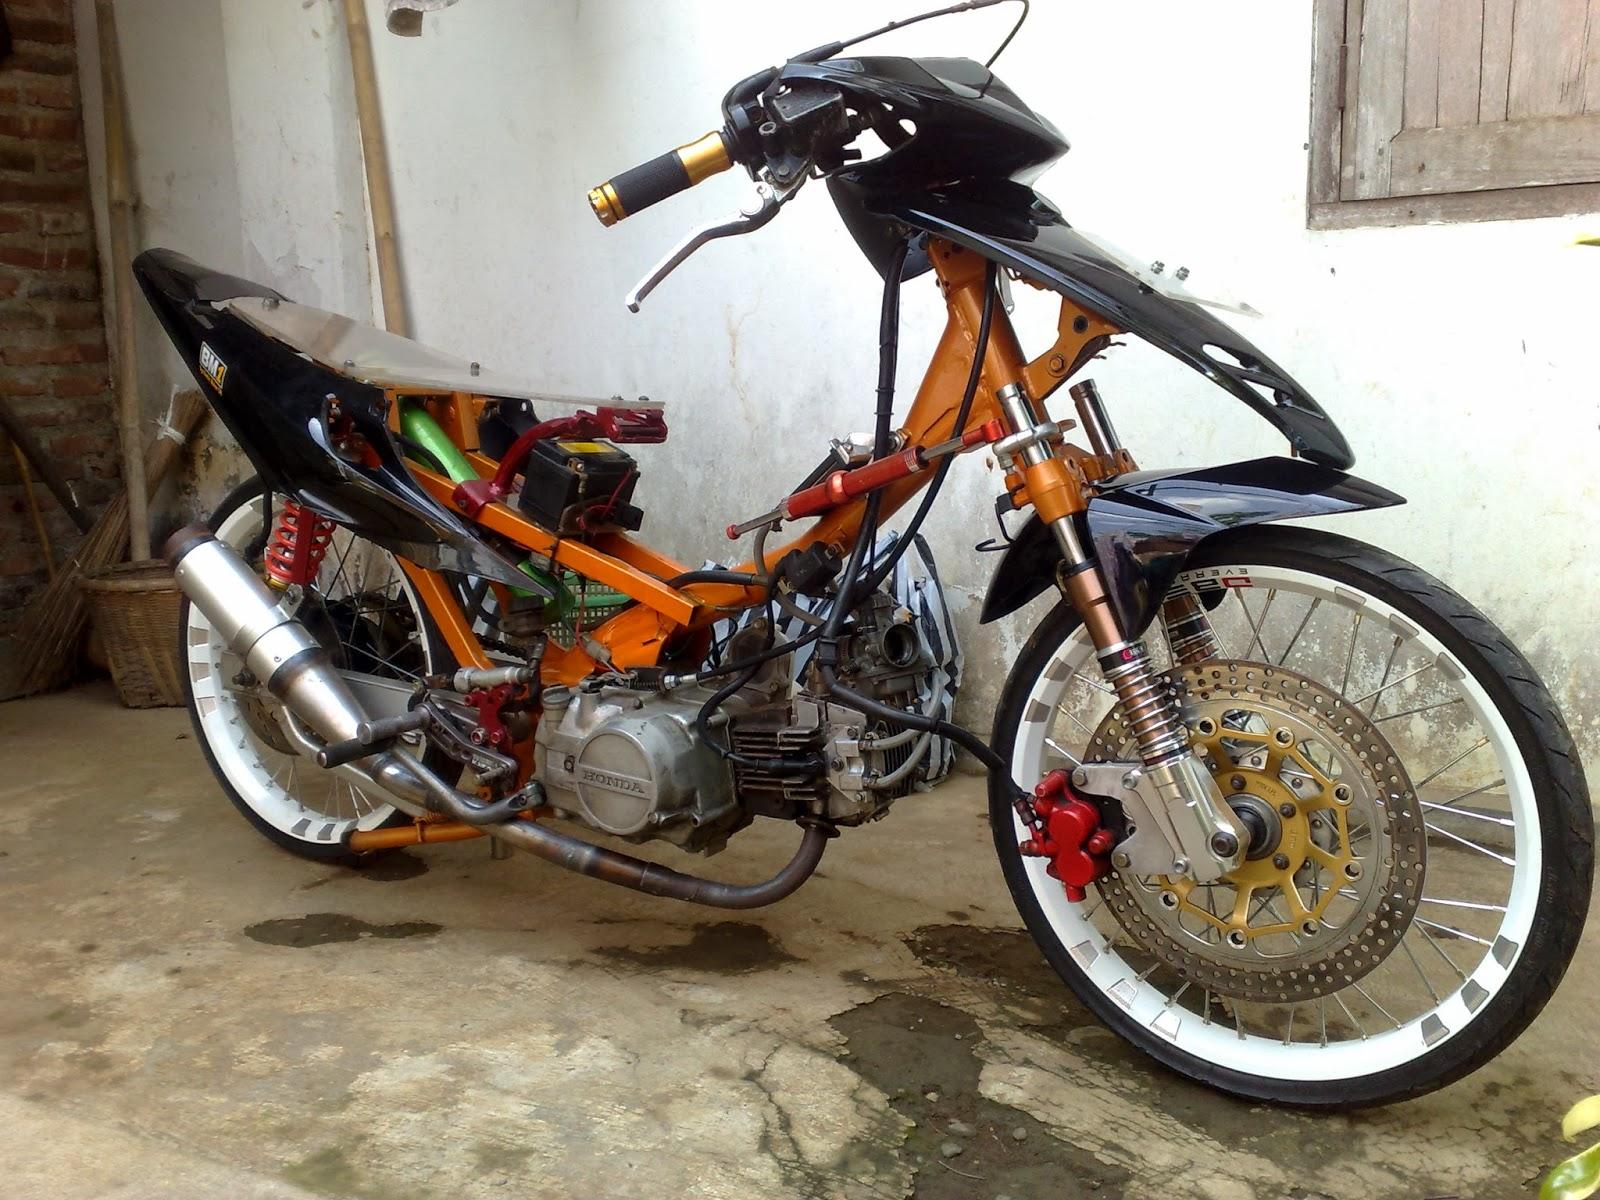 modifikasi motor supra fit 2006 drag terbaru - sukaon